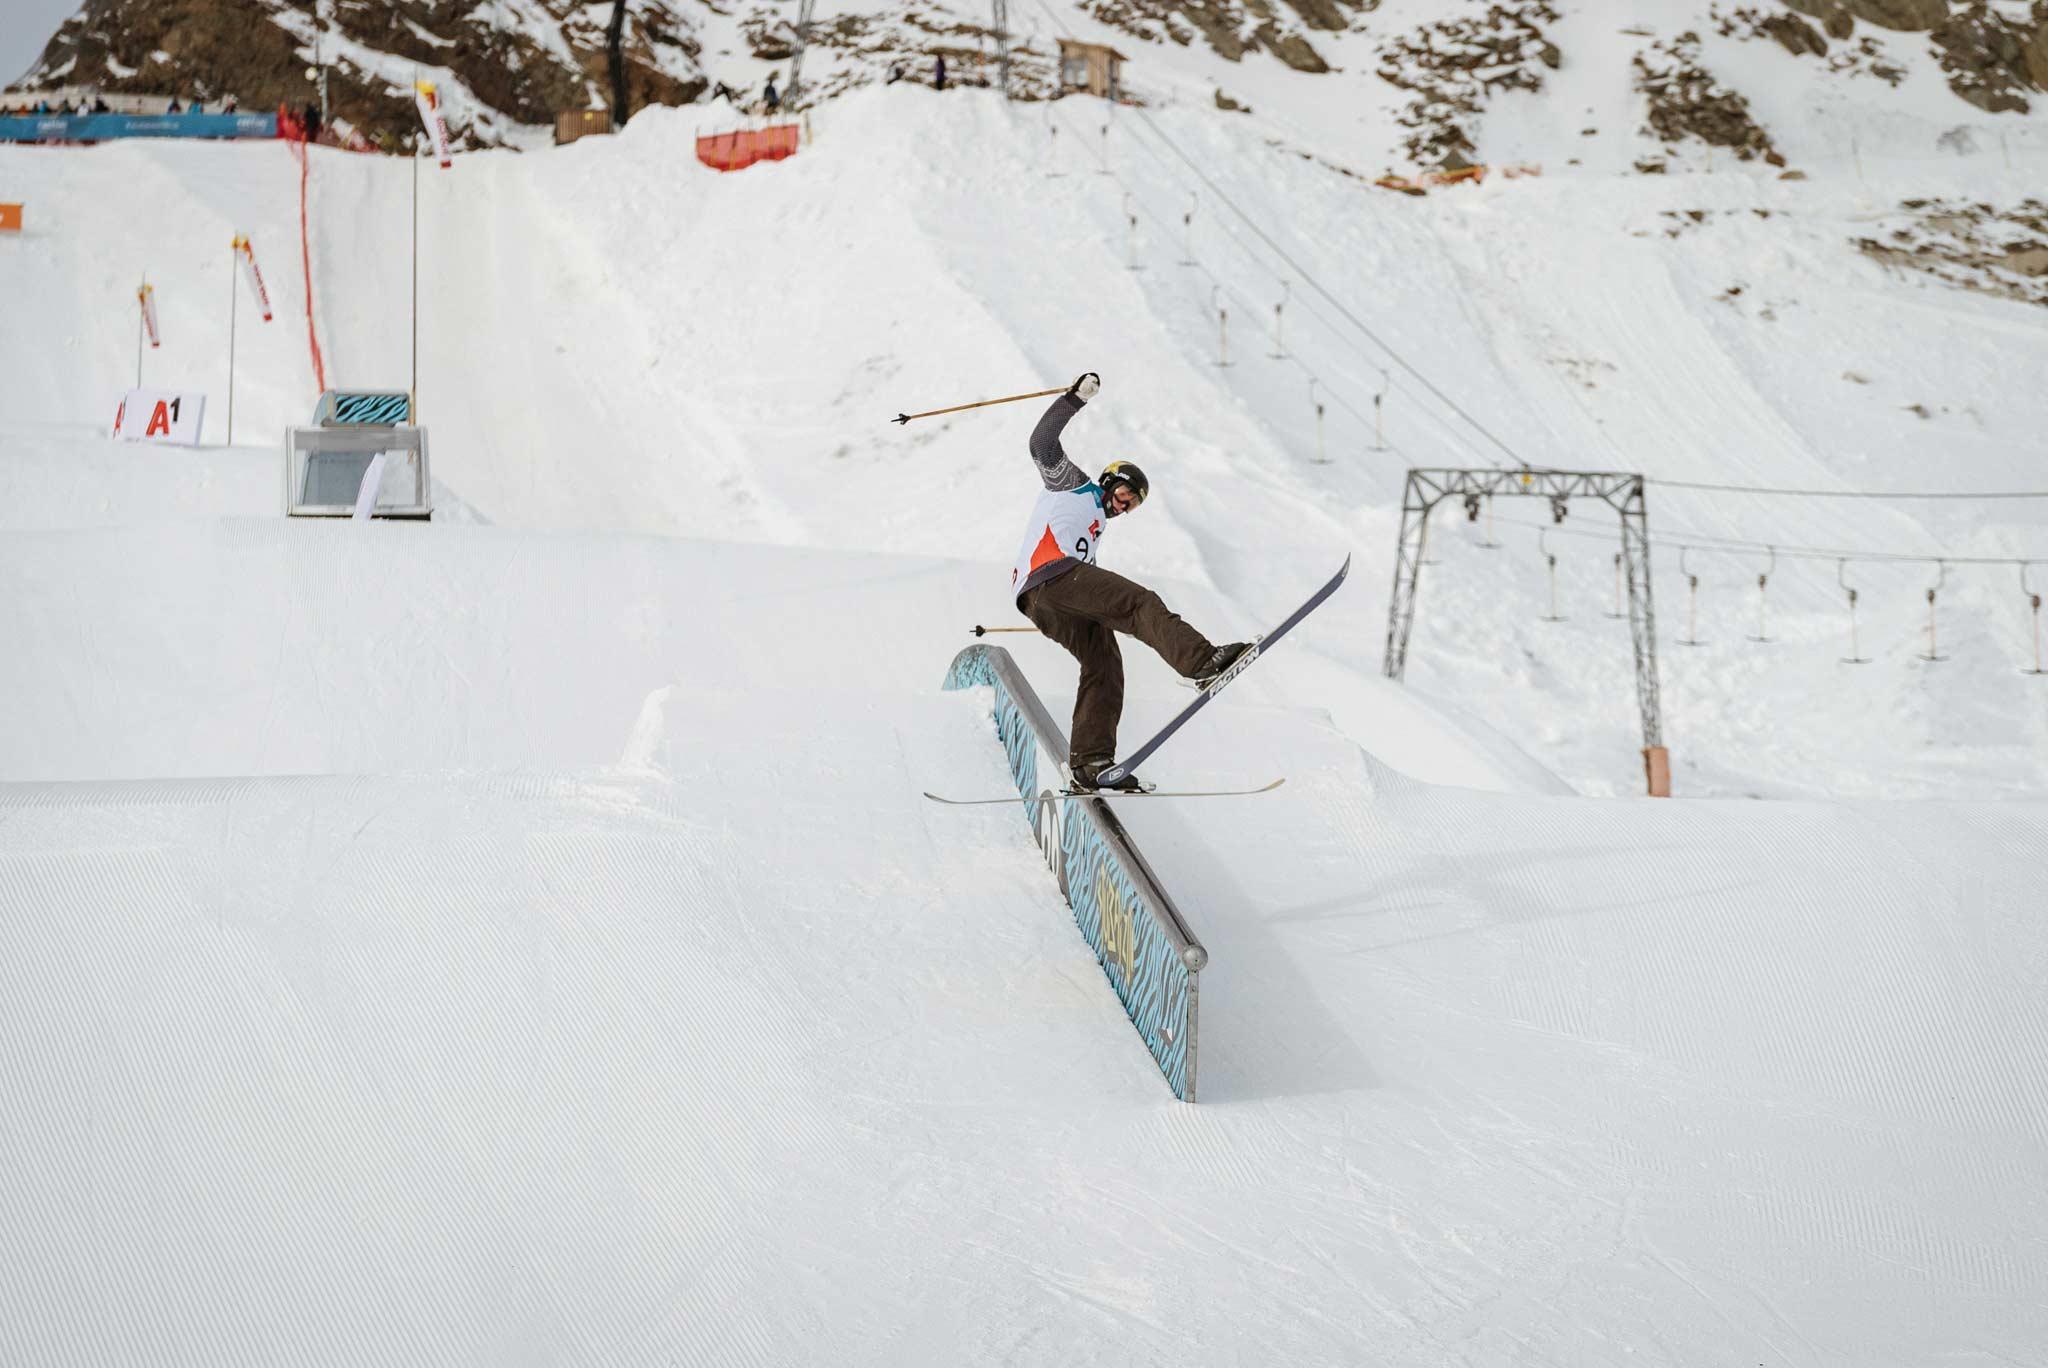 Wir freuen uns schon auf einen spannende Wettkampf beim FIS Freeski World Cup Stubai 2020. - Rider: Alex Hall (USA)